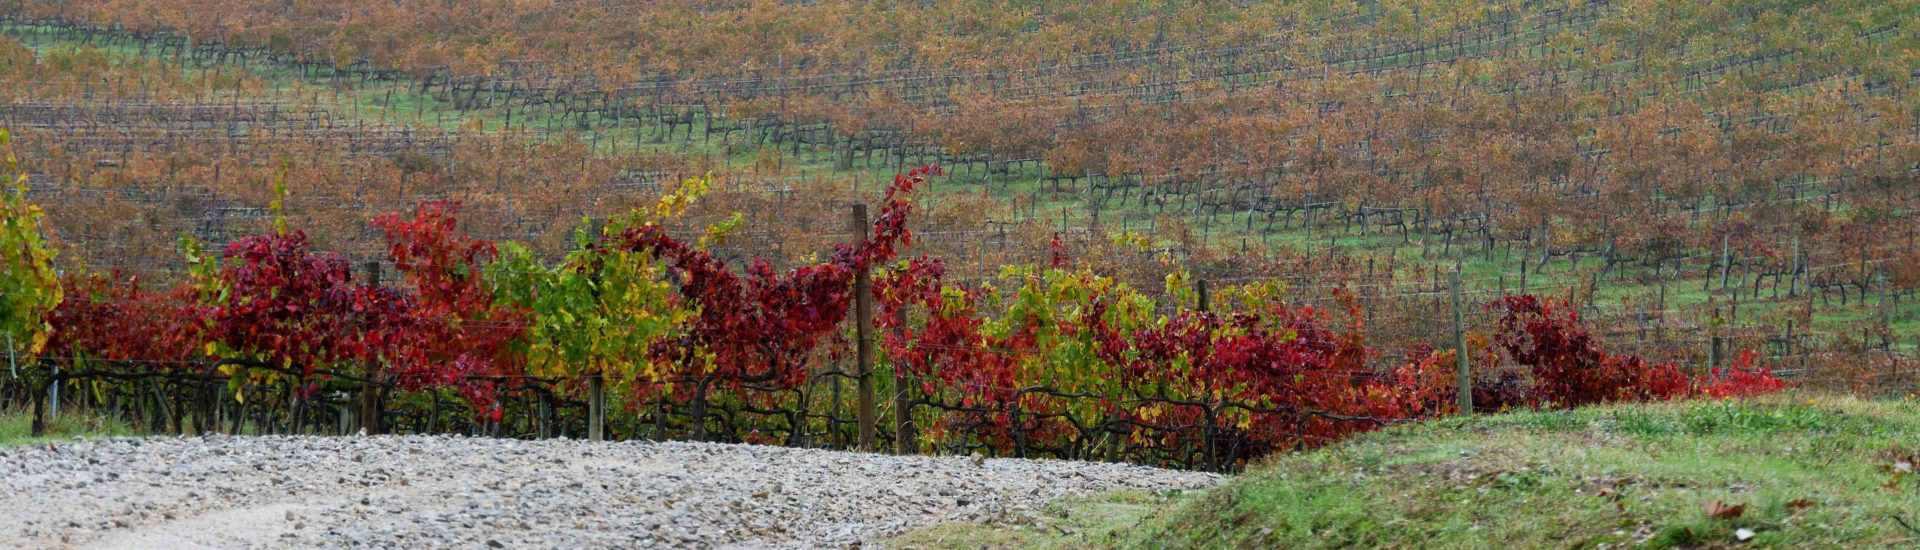 une semaine road trip toscane italie vignes chianti automne